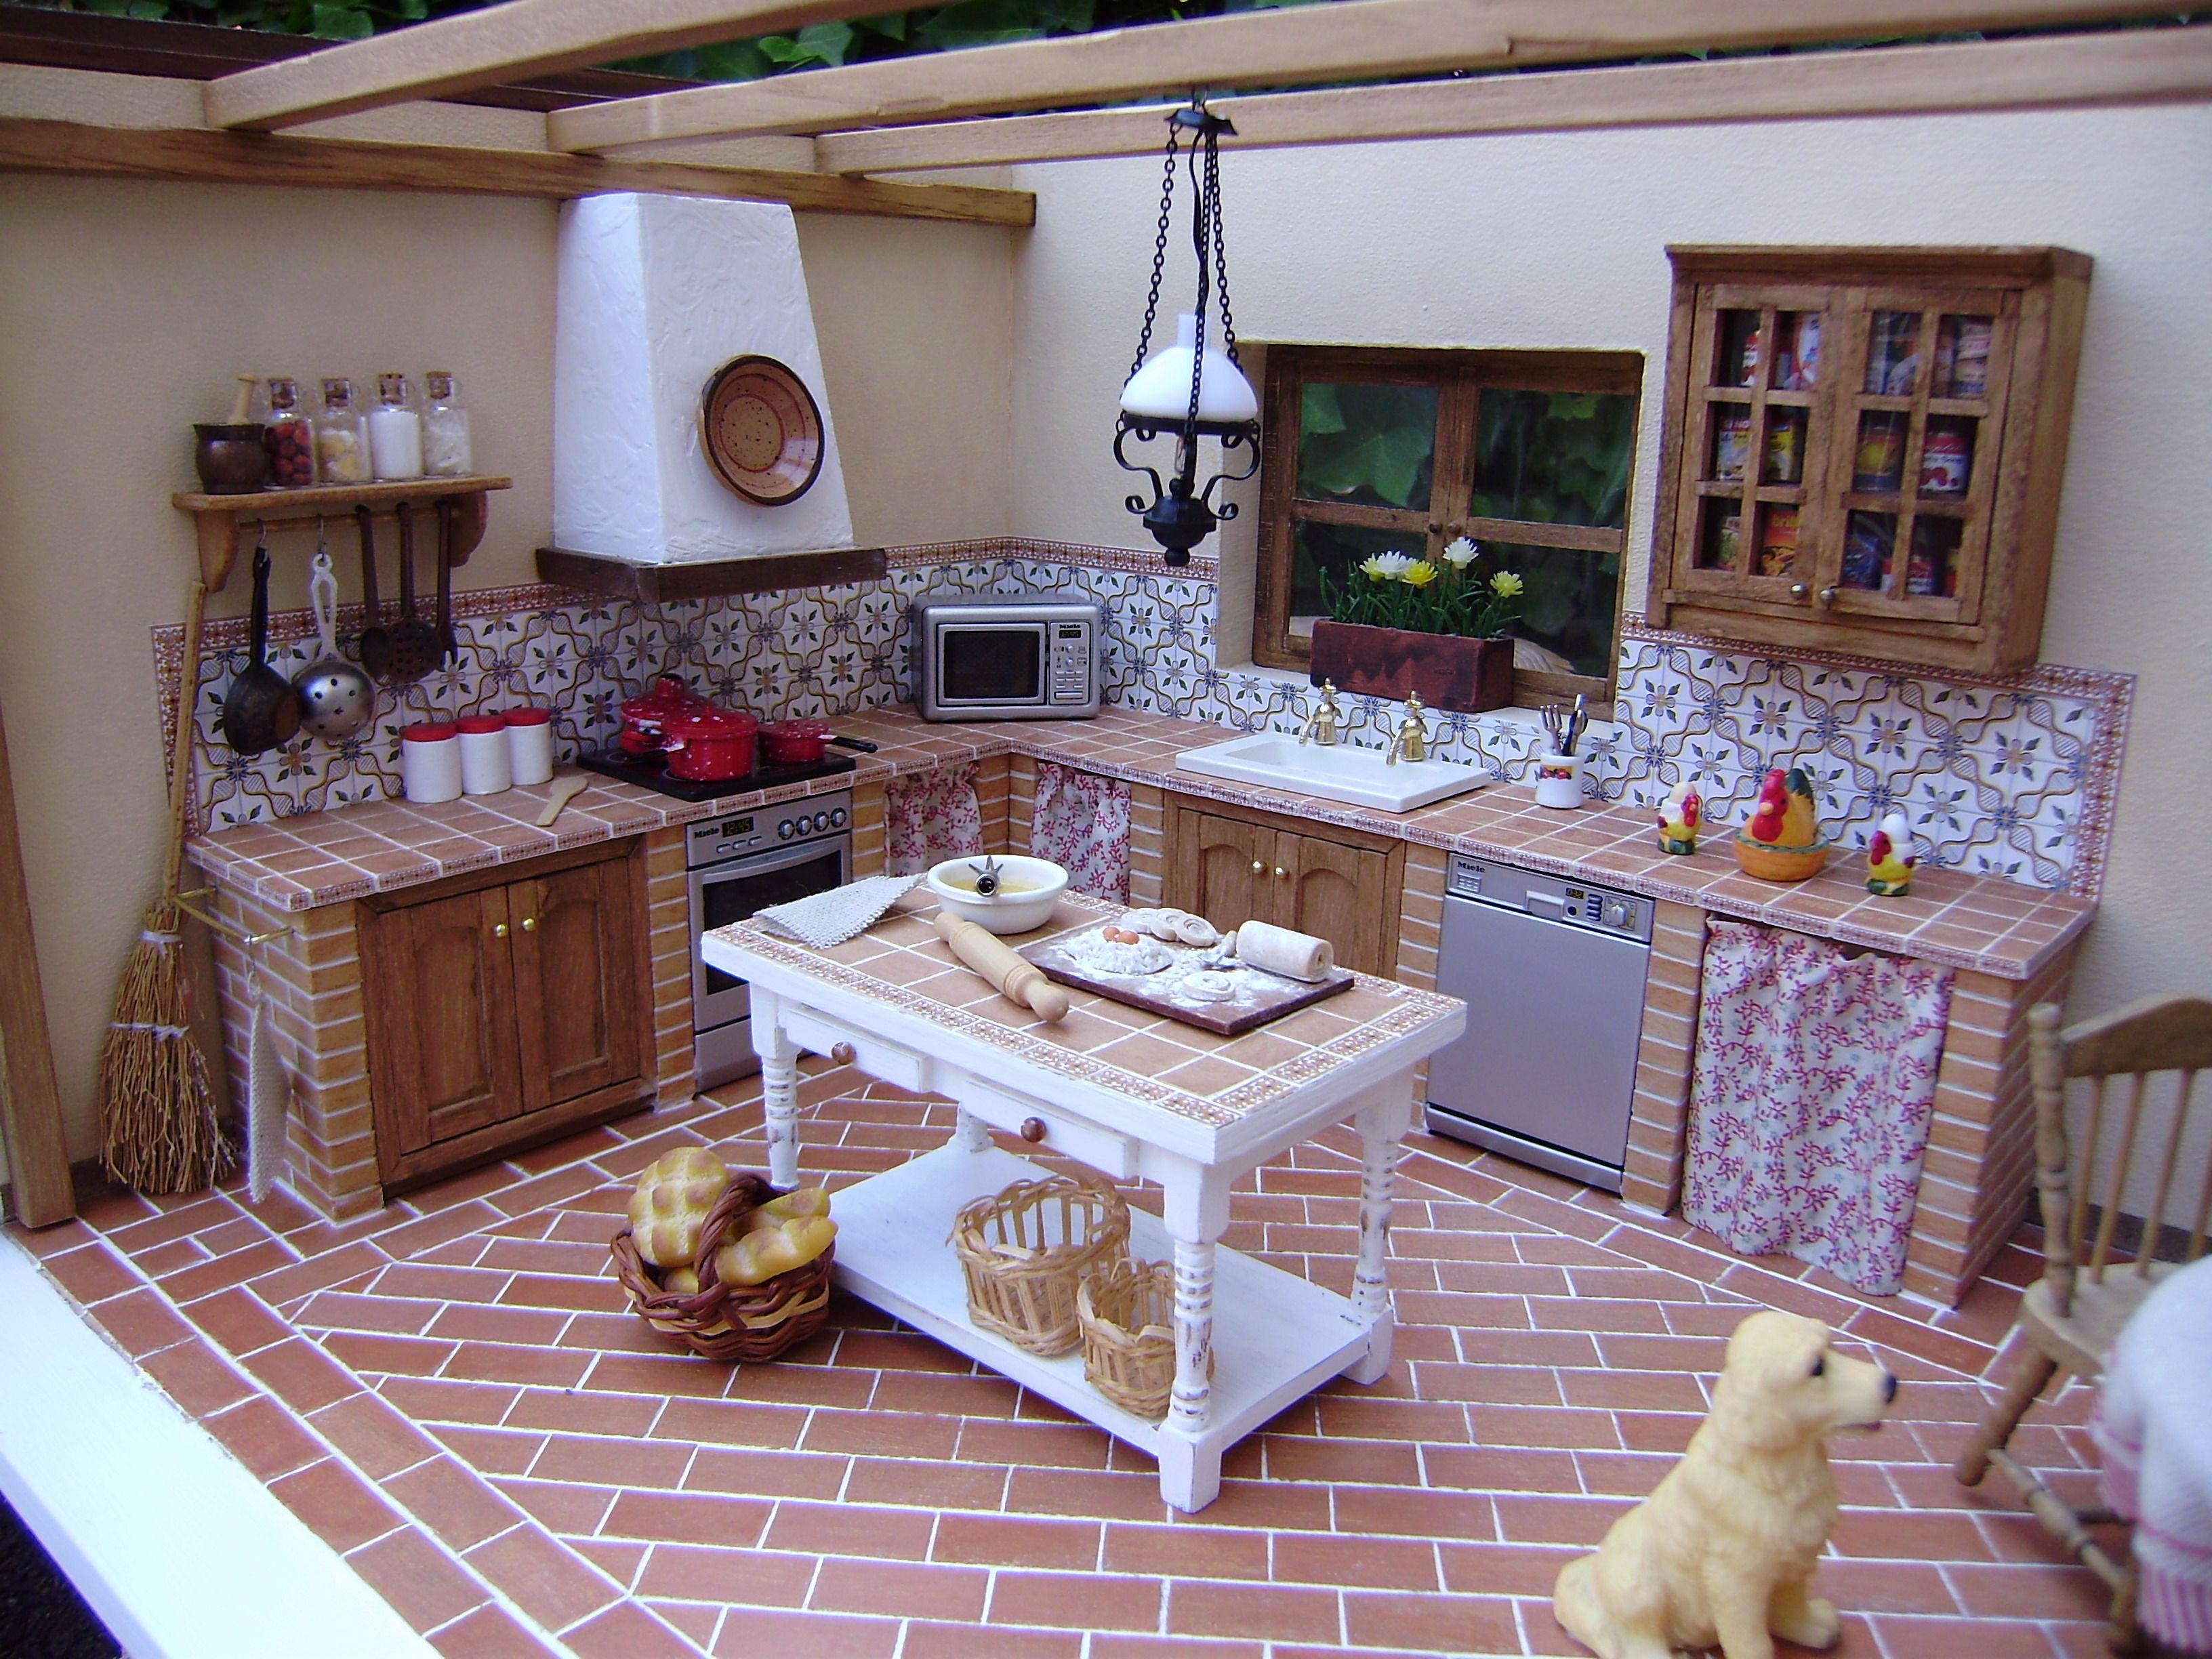 Cocina r stica sin parar de trastear miniaturas - Cocinas pequenas rusticas ...